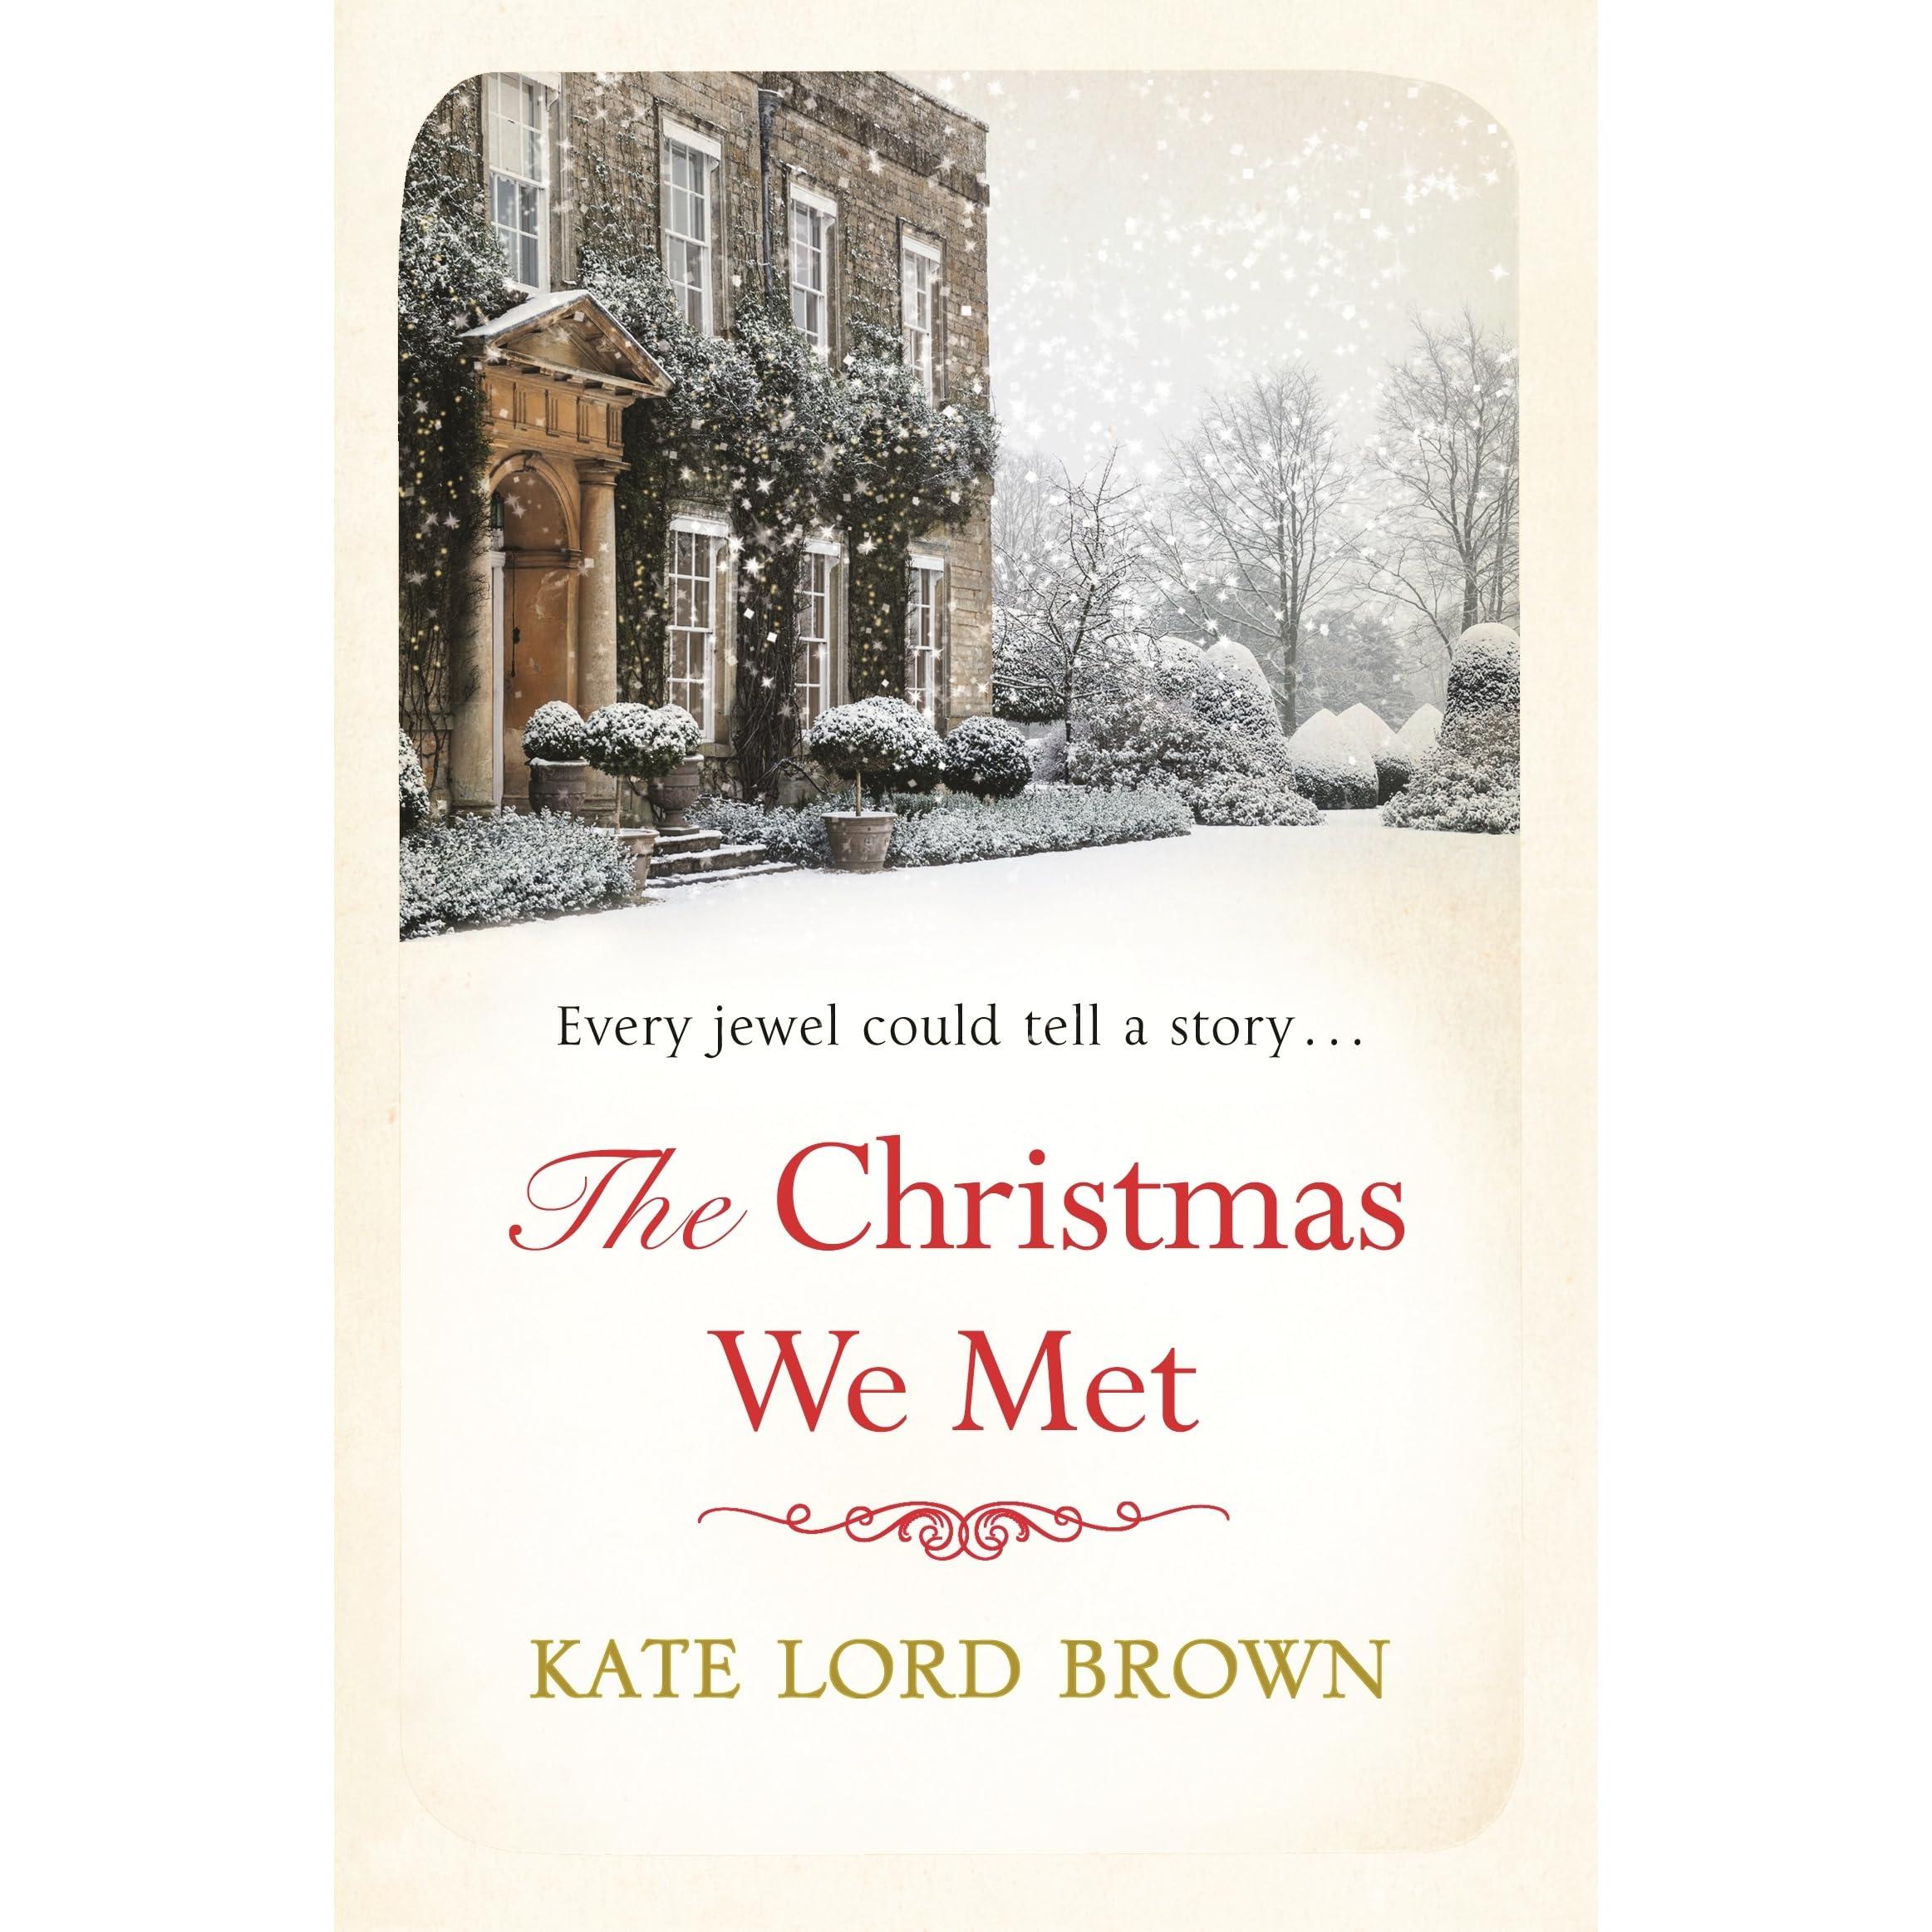 The Christmas We Met by Kate Lord Brown